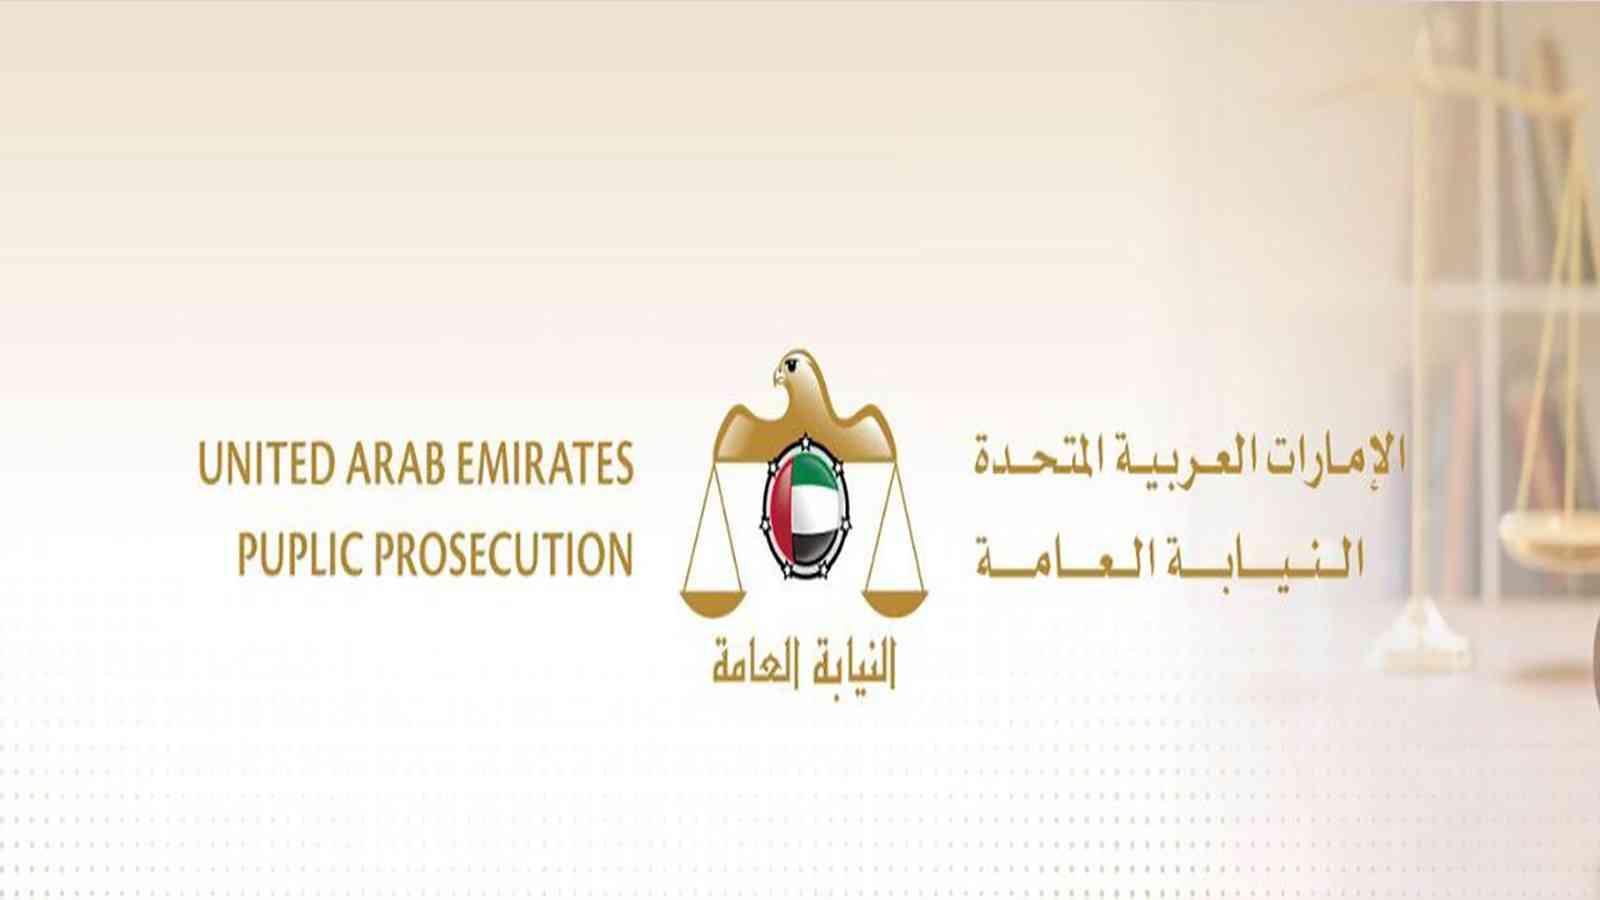 النيابة العامة للإمارات توضح عقوبة الإخلال بمقام قاض أو عضو نيابة عامة